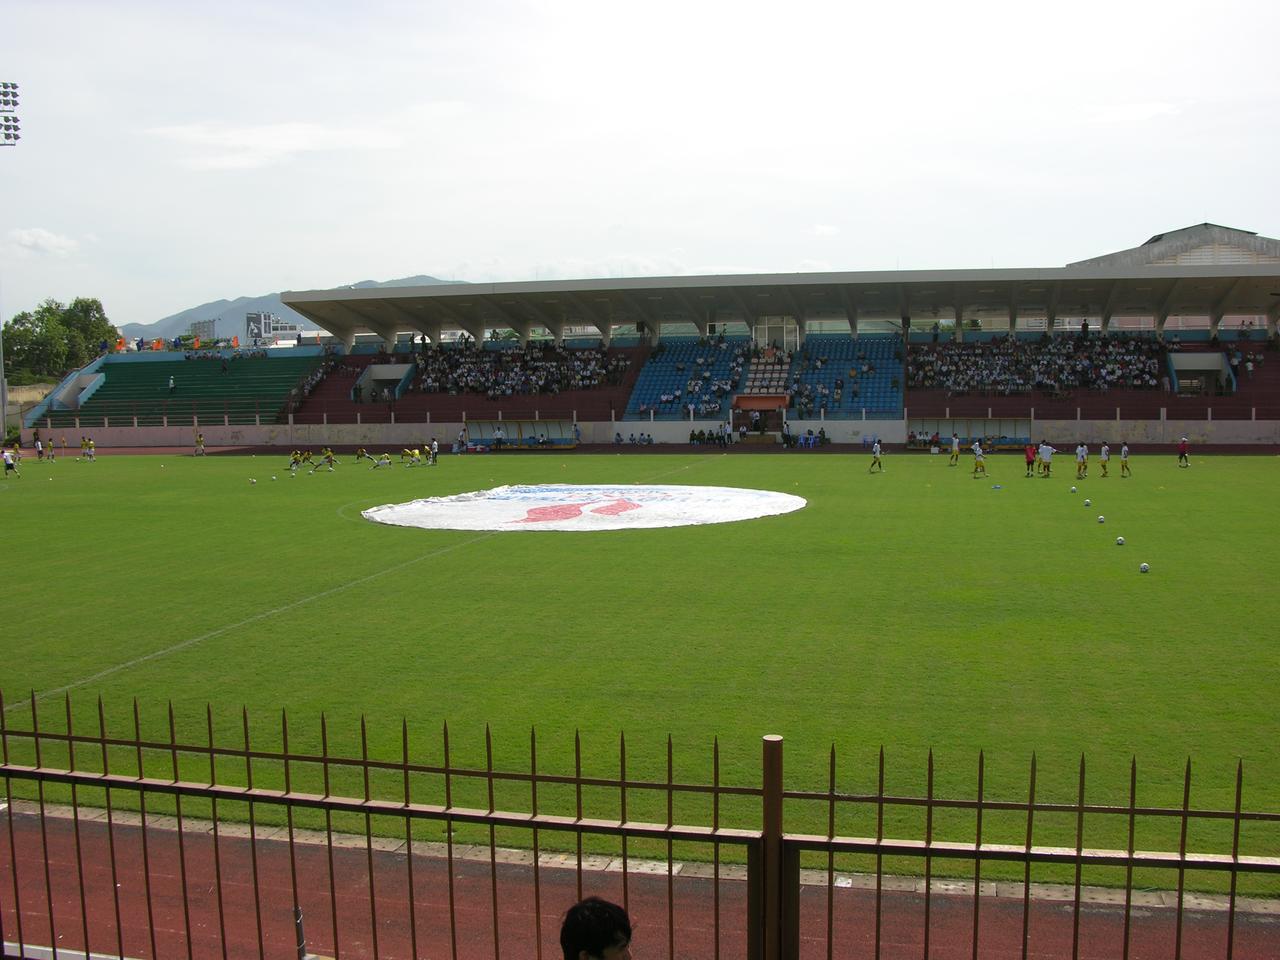 Sân vận động 19-8 Sân nhà của câu lạc bộ bóng đá Sanna Khánh Hòa hình ảnh